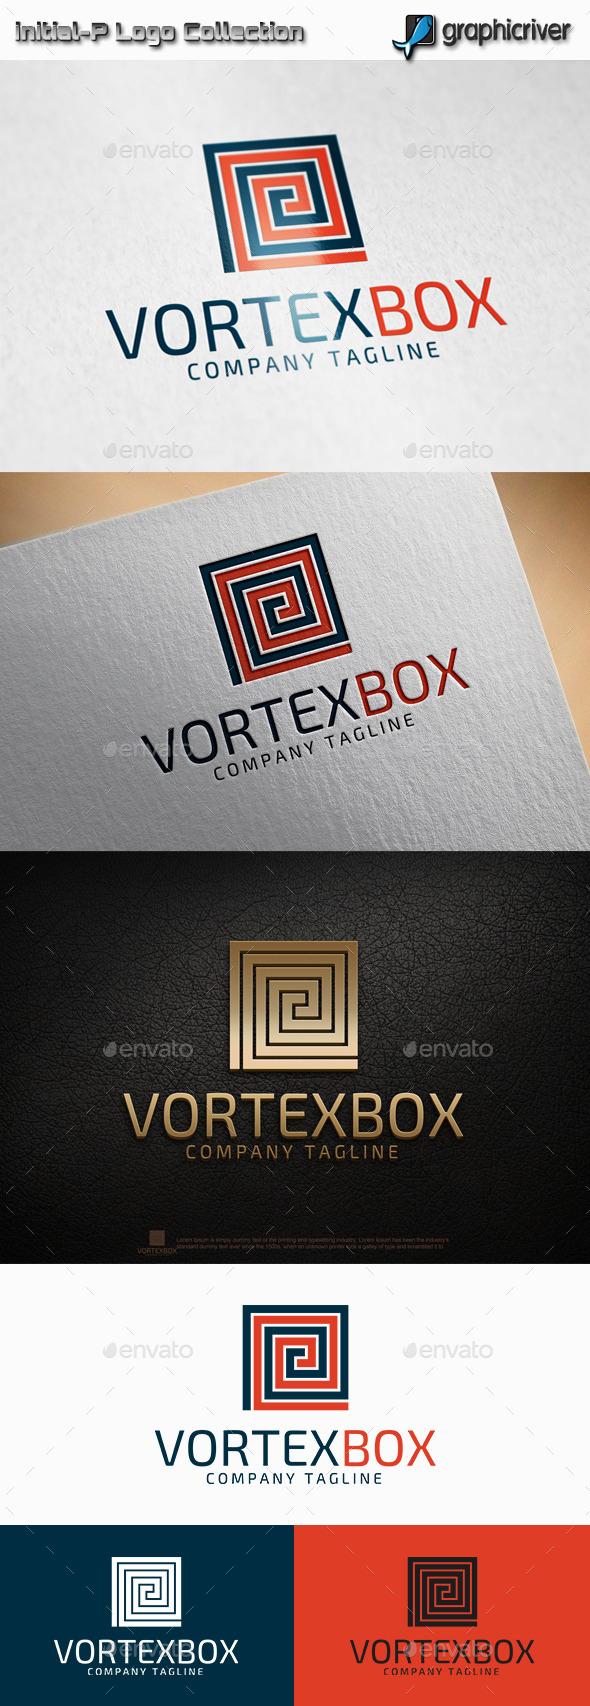 GraphicRiver Vortex Box Square Logo 11441527